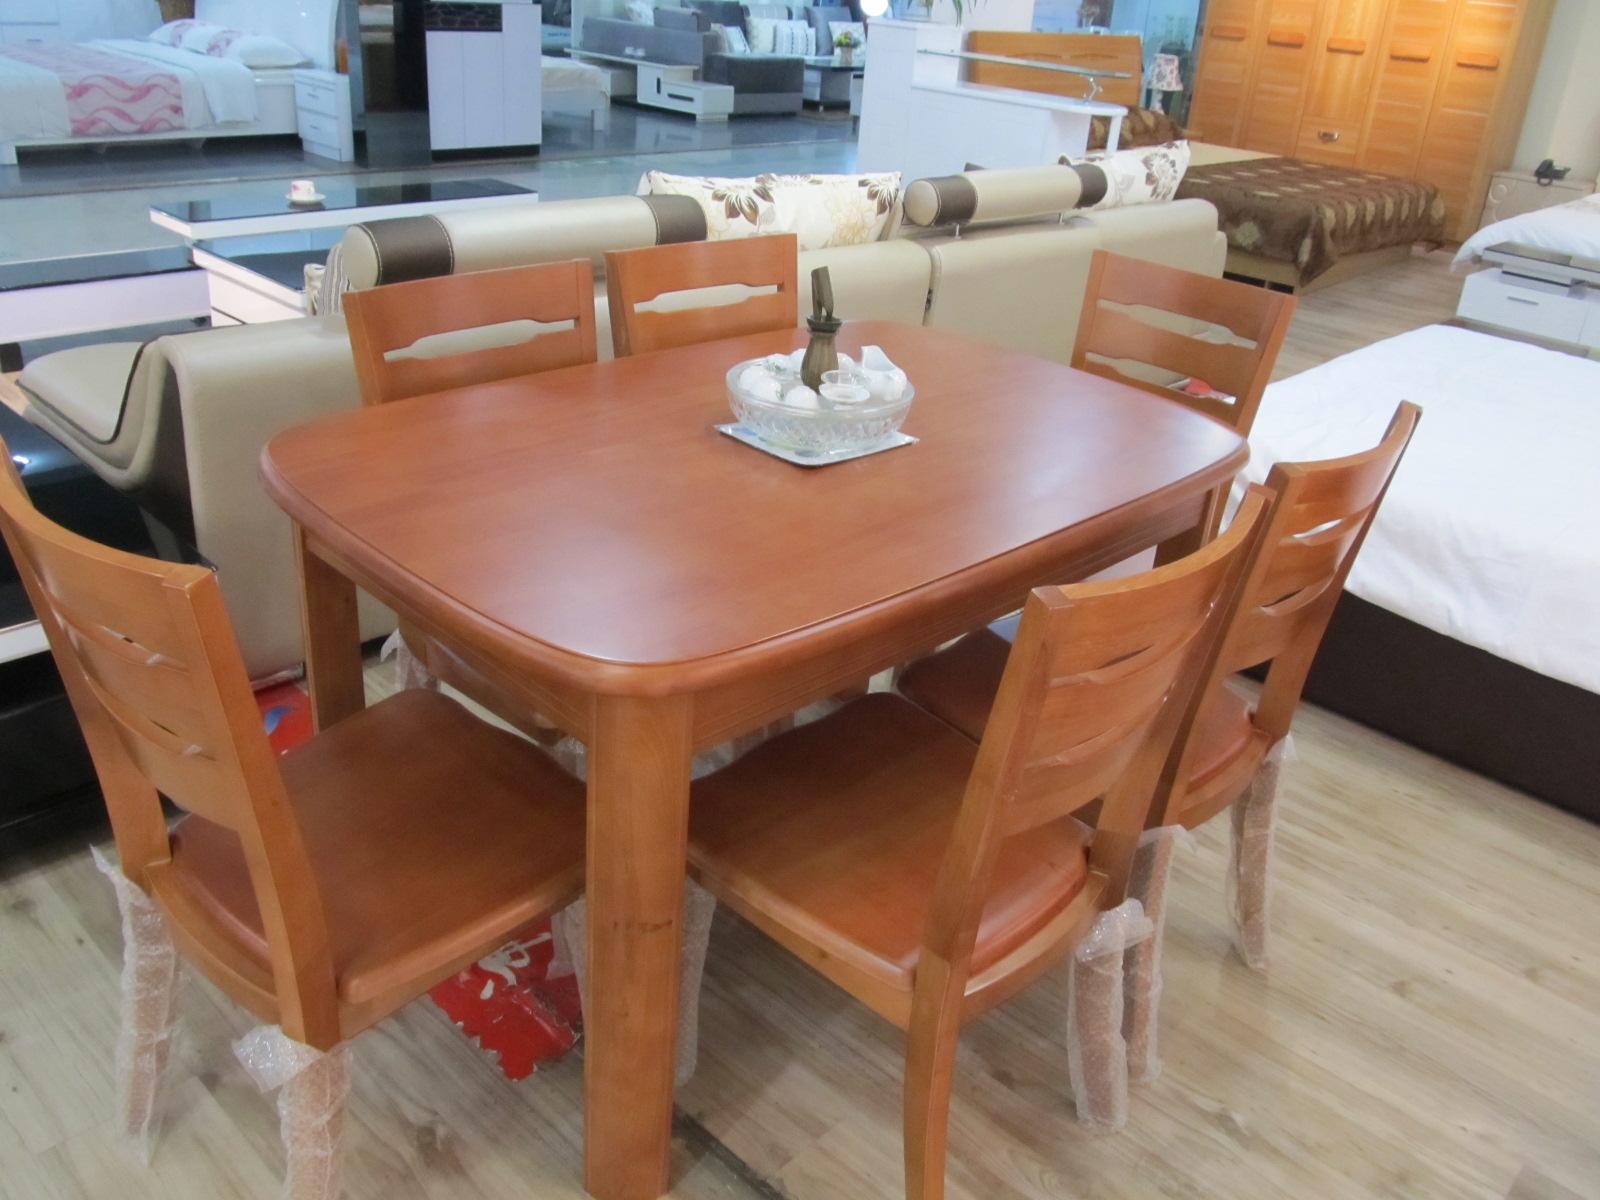 家具購買攻略之實木餐桌尺寸問題